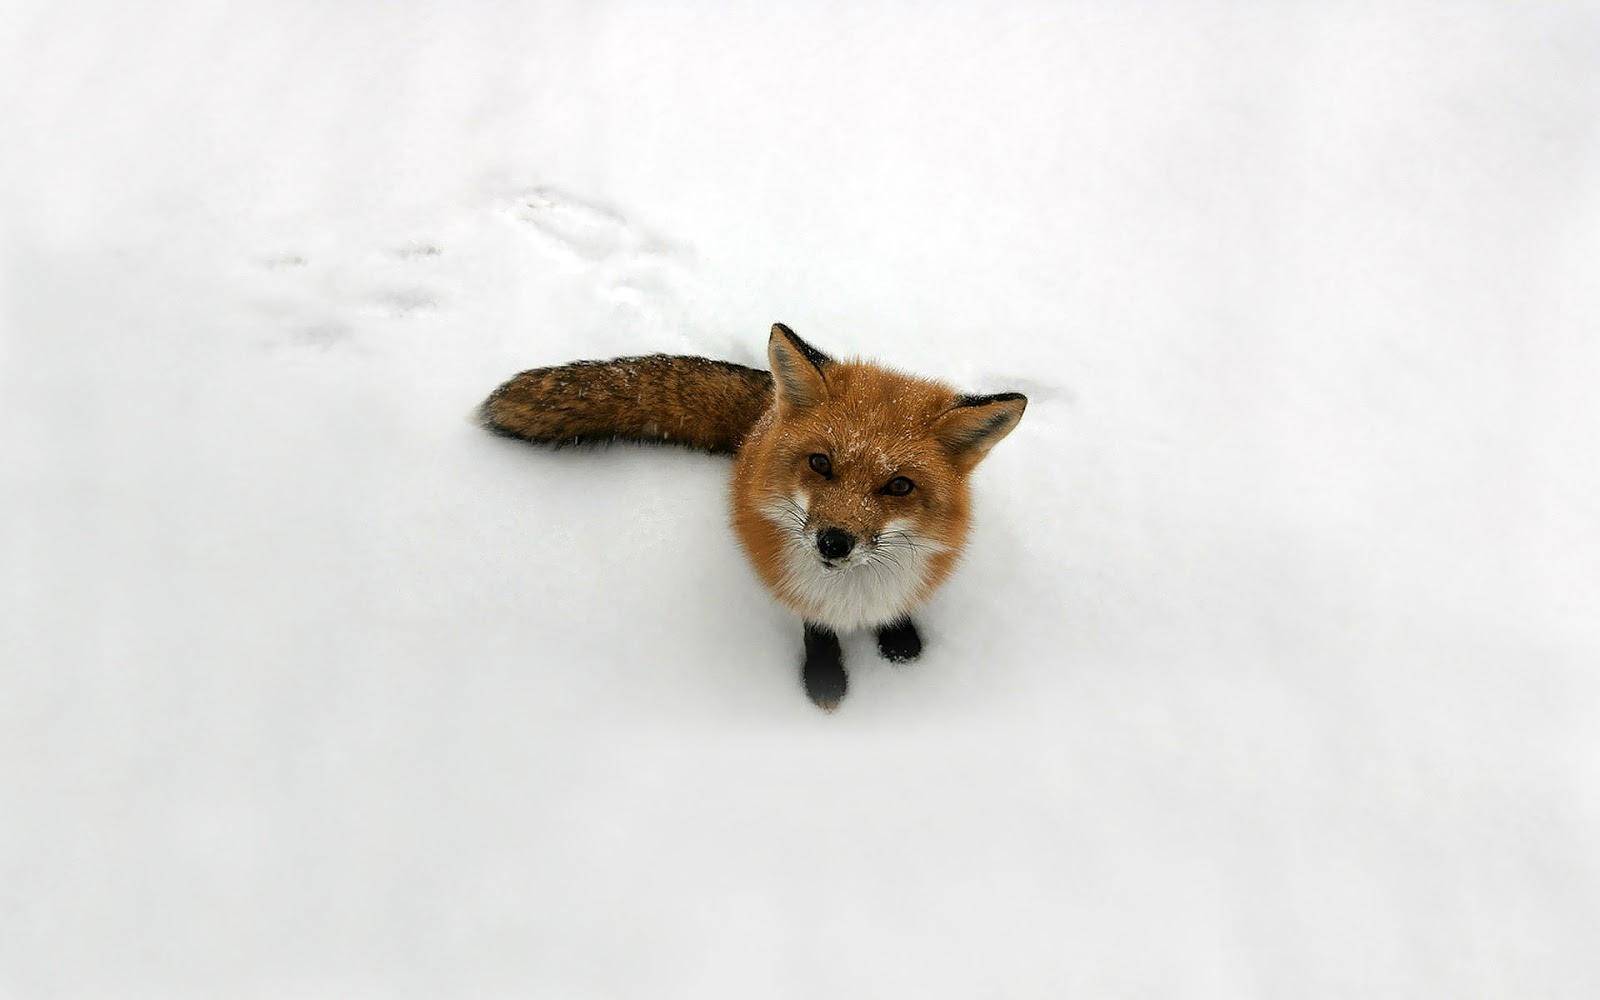 http://3.bp.blogspot.com/-PVNF2HgGzjc/US4a0dijTsI/AAAAAAAAHlU/JX9mG1h4Q5I/s1600/Red-Fox-Wallpaper+04.jpg